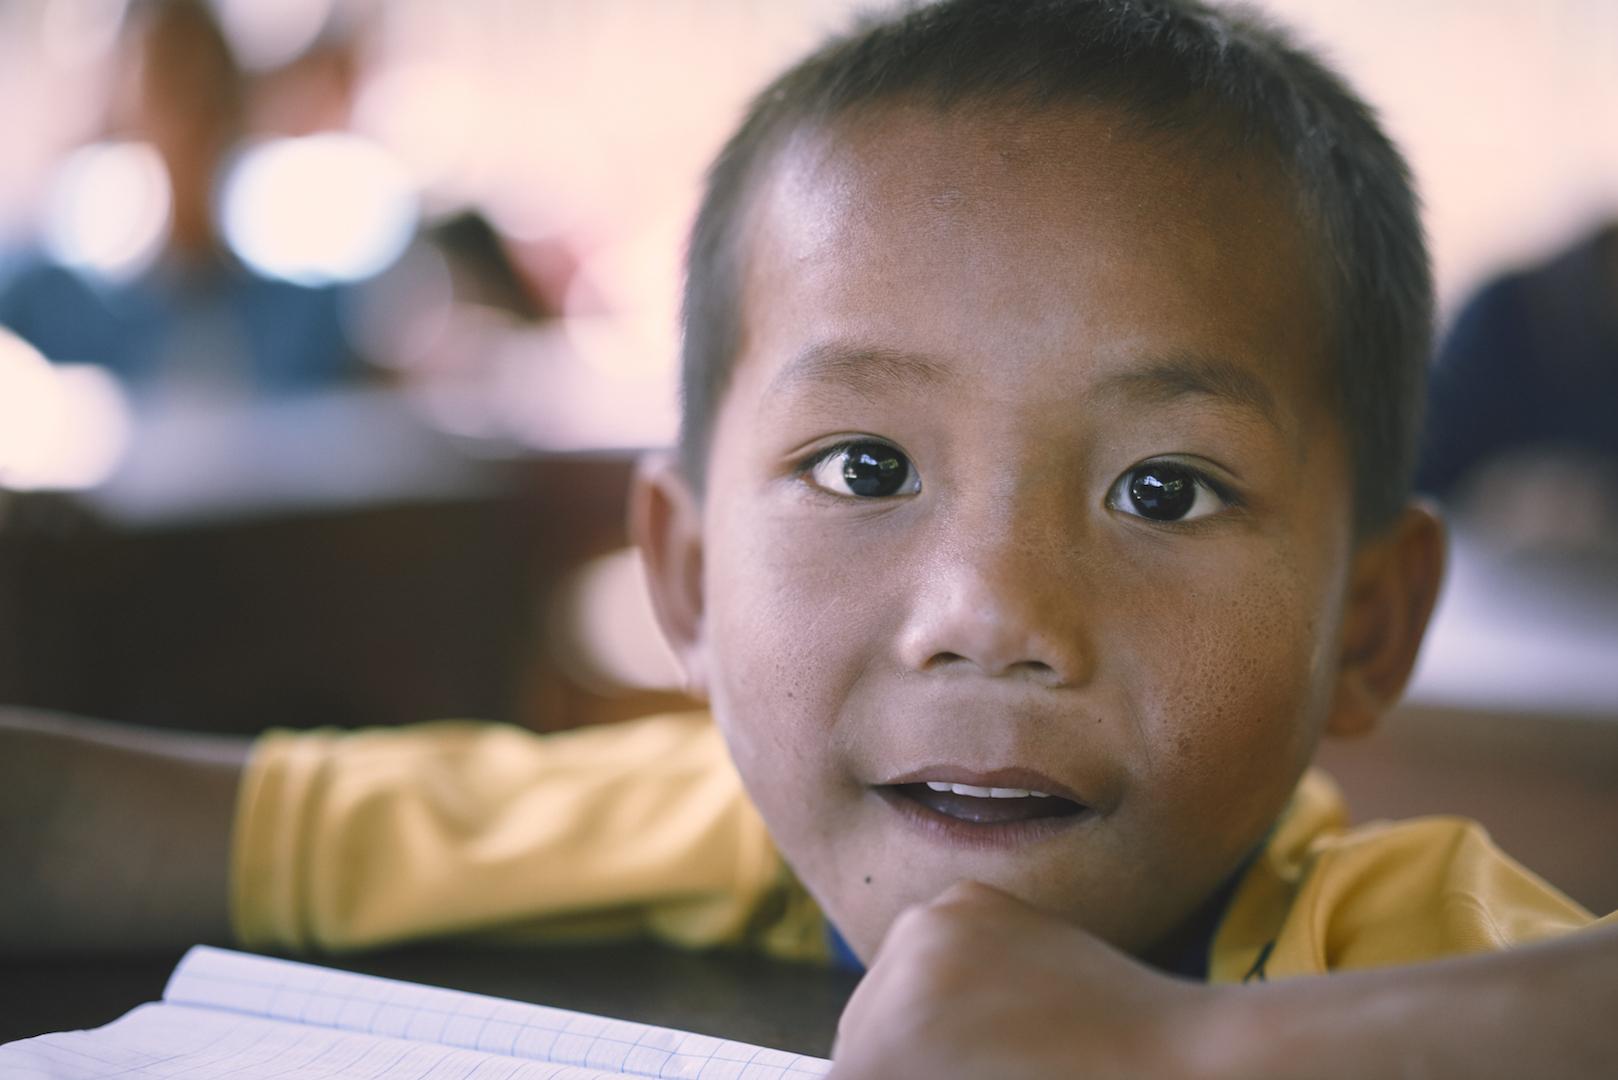 Khasar_S_HmongBoyinTheClassroom_LuangPrabang_Laos_Winter_2014.jpg